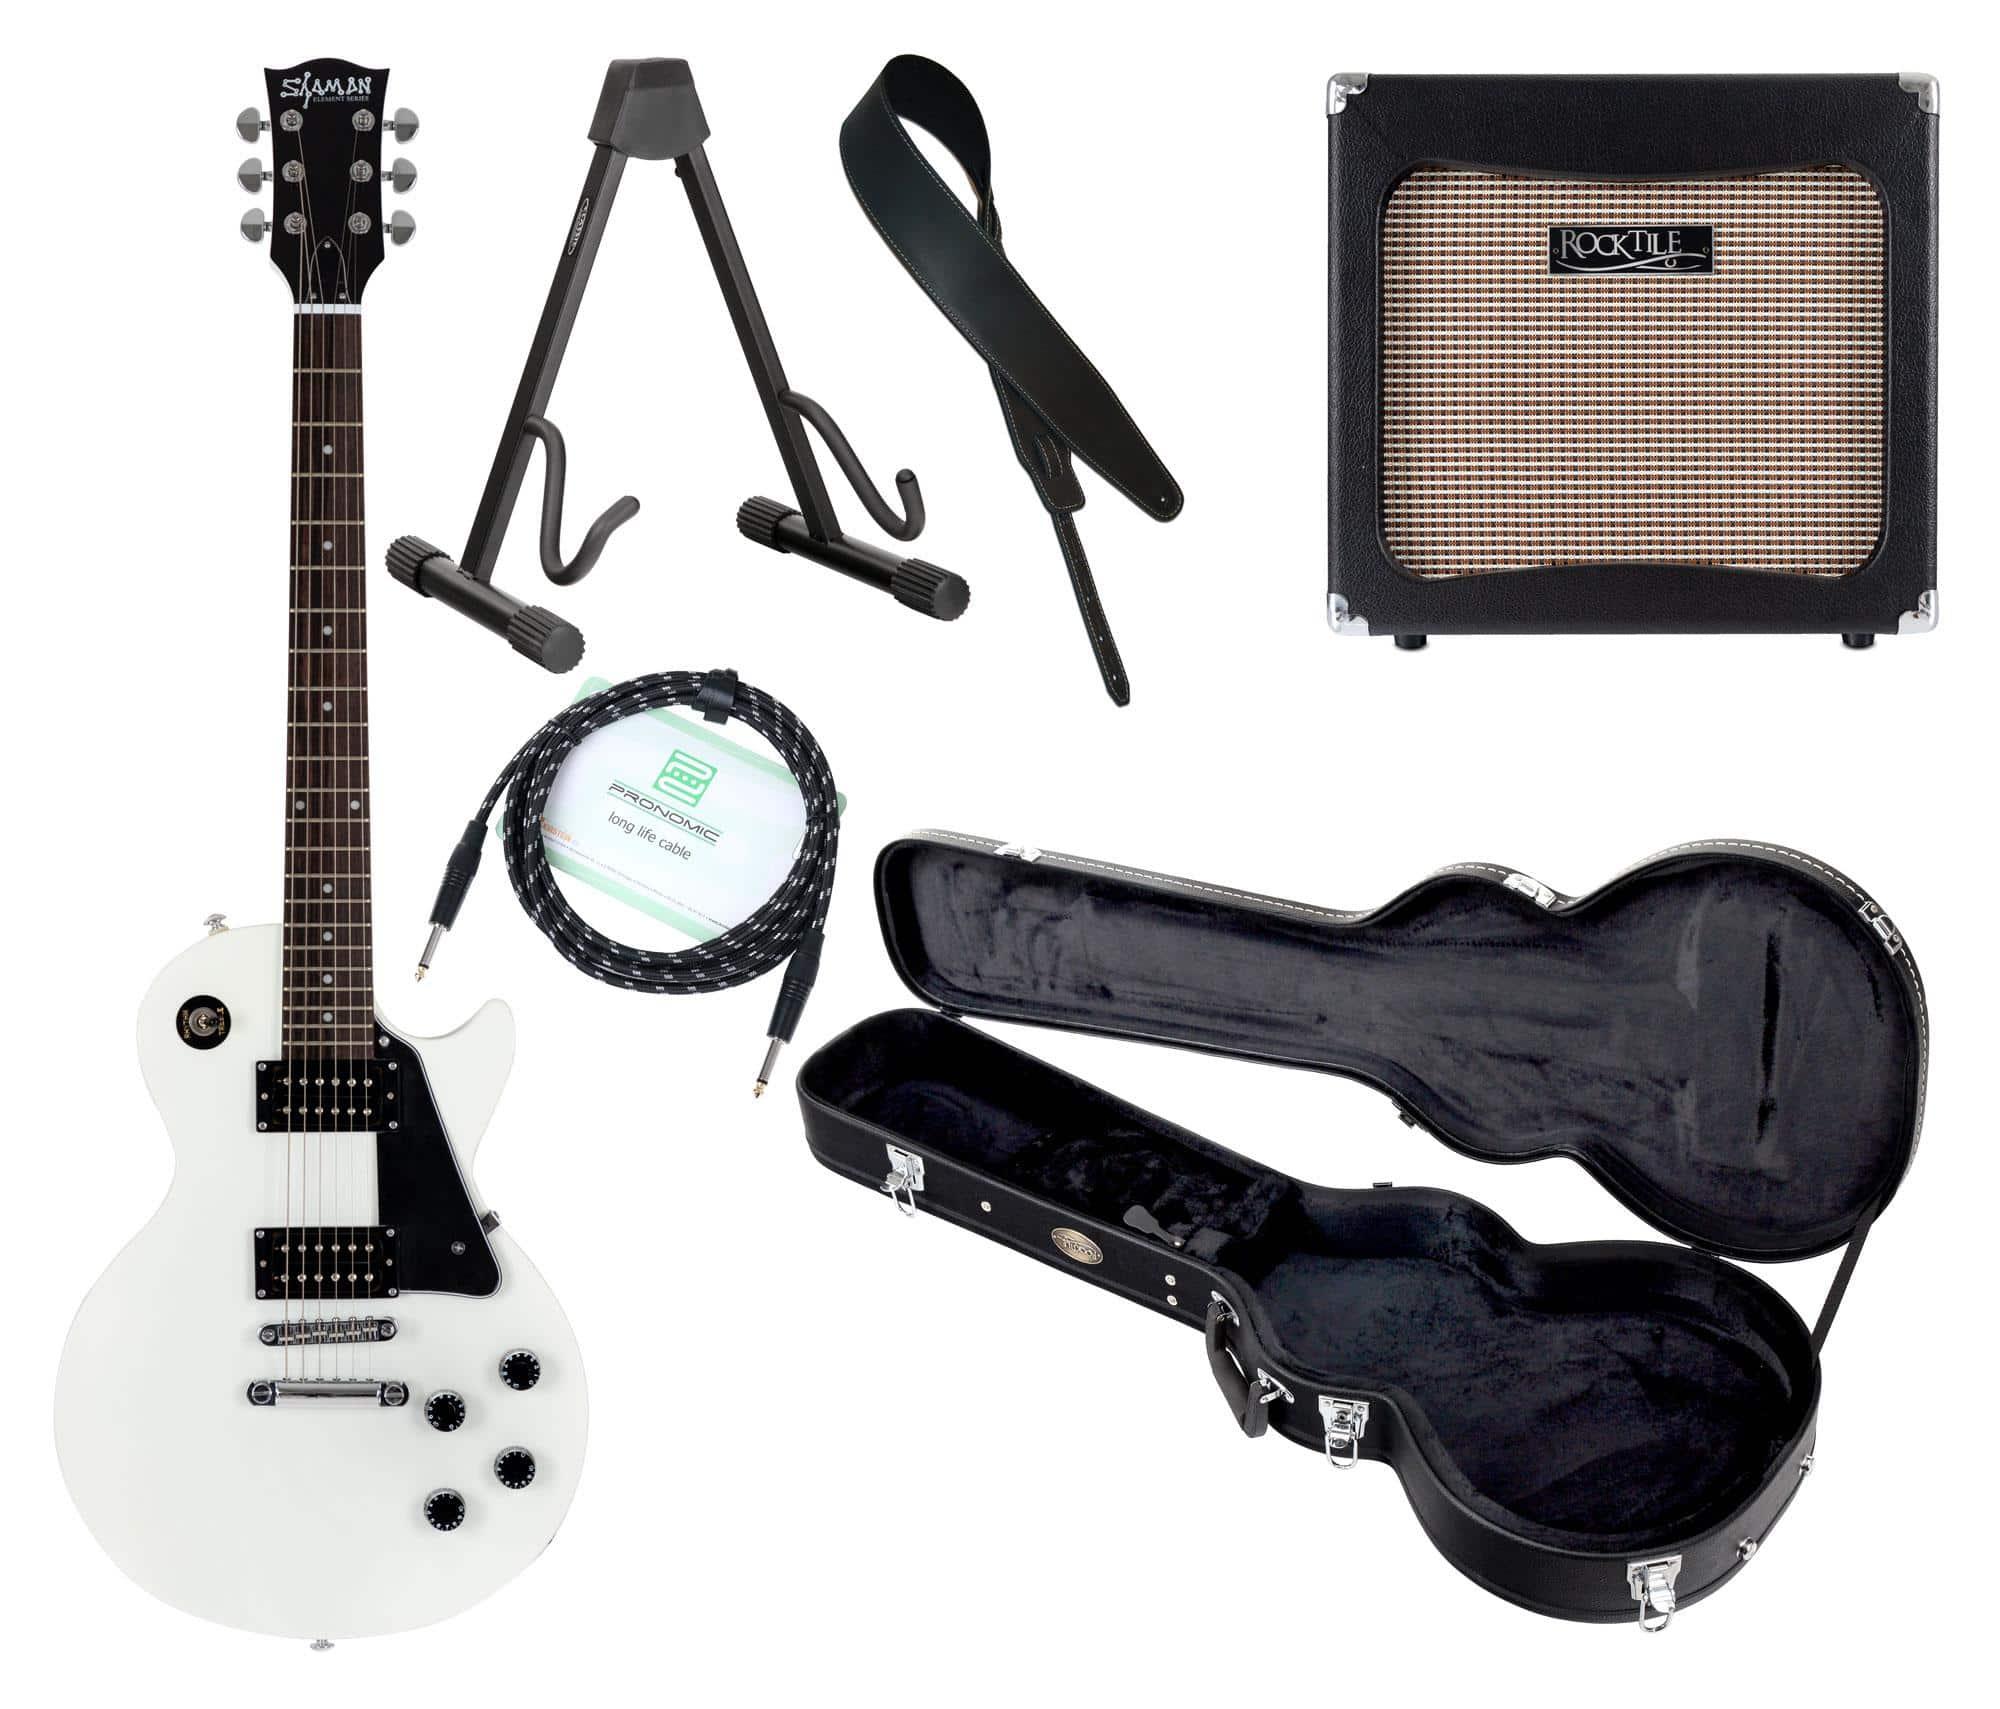 Egitarren - Shaman Element Series SCX 100W Komplett Set - Onlineshop Musikhaus Kirstein